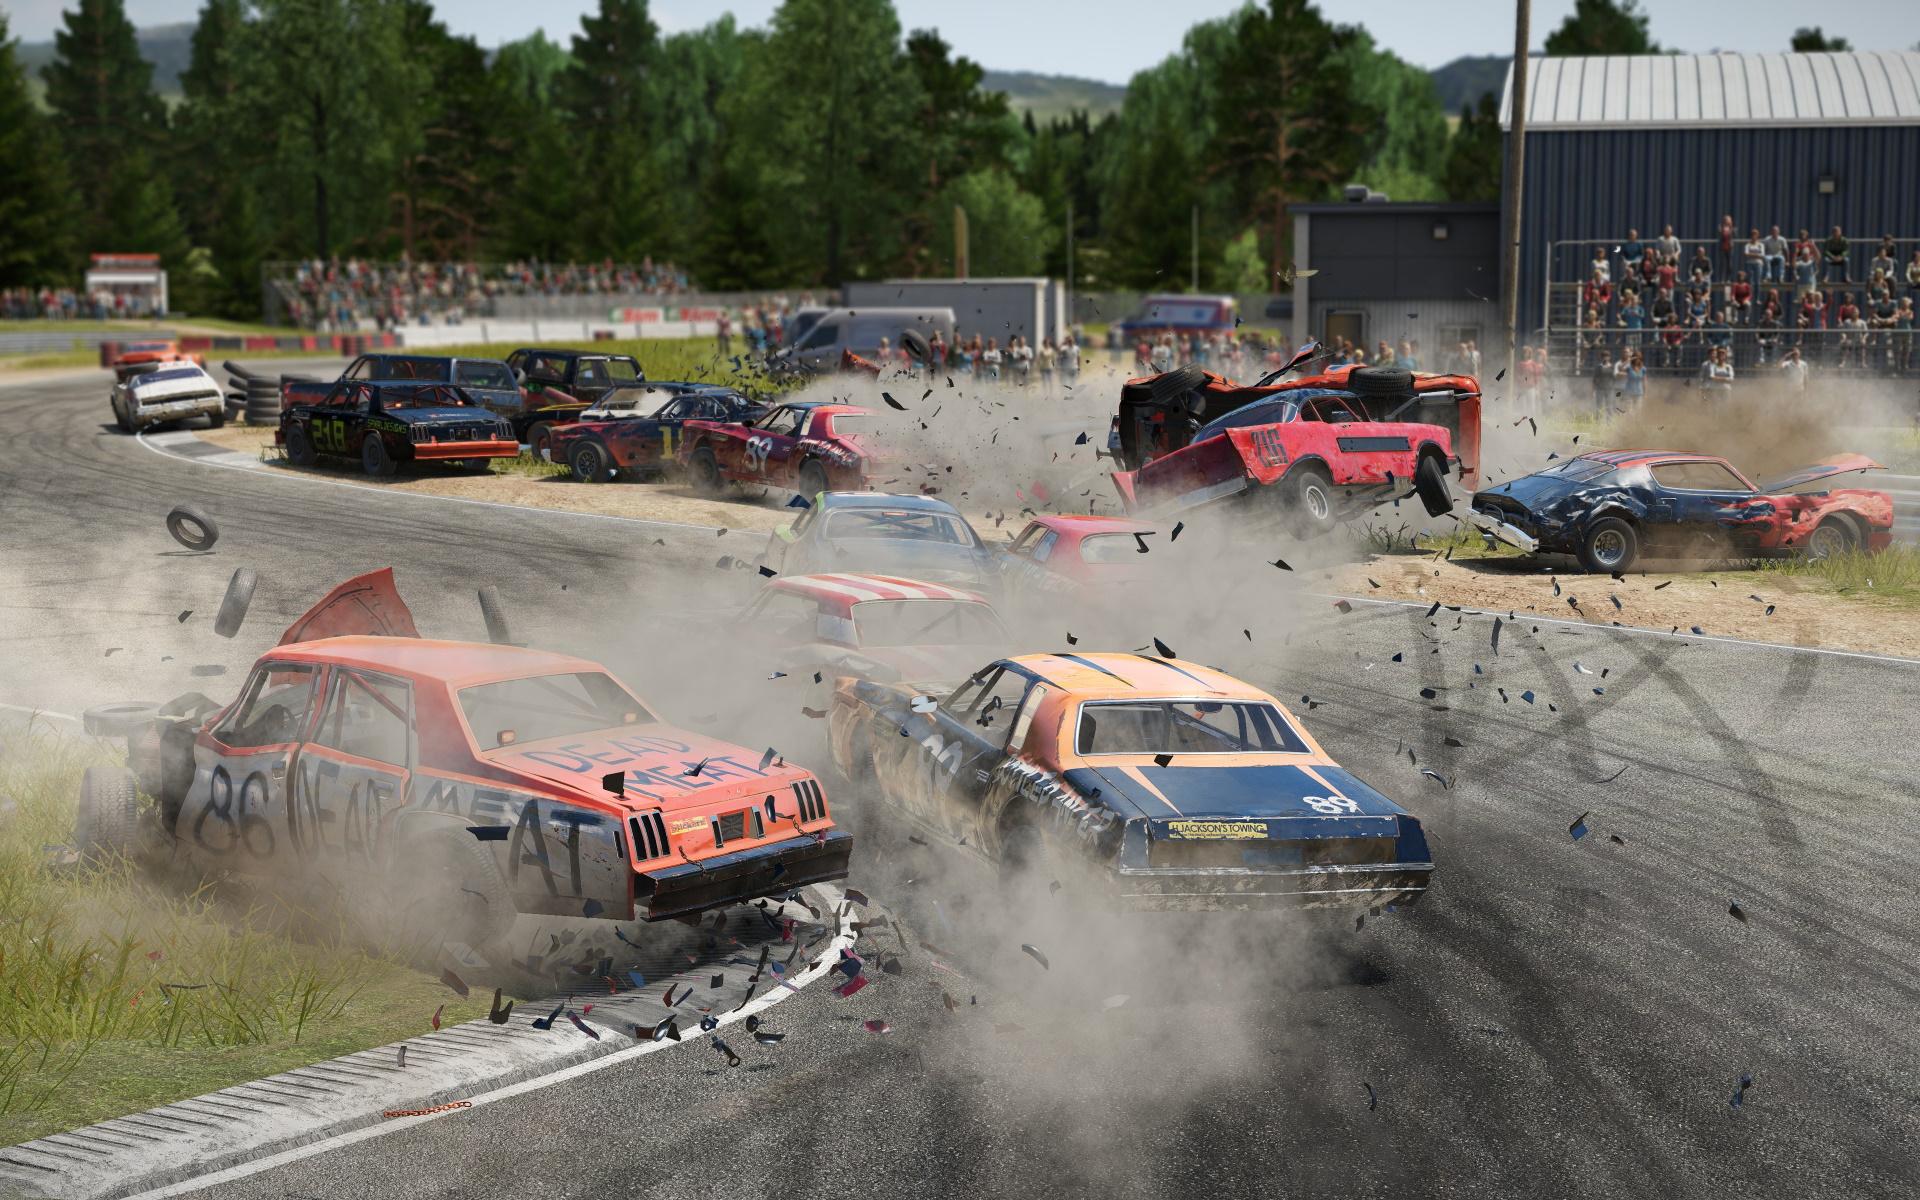 A screenshot of Wreckfest on PS4